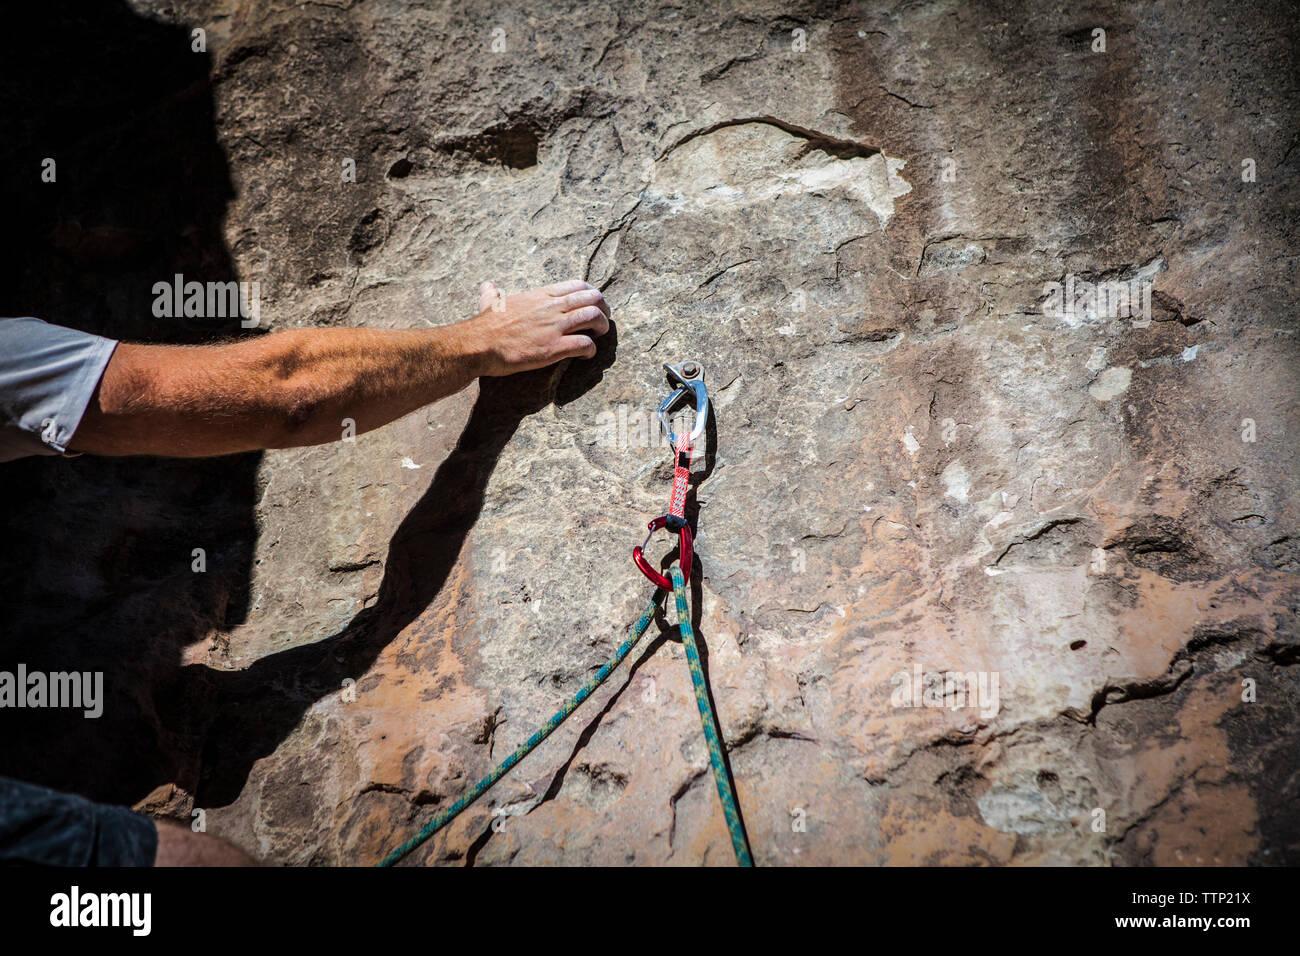 Imagen recortada de agarre de mano, mientras que la escalada en roca Imagen De Stock